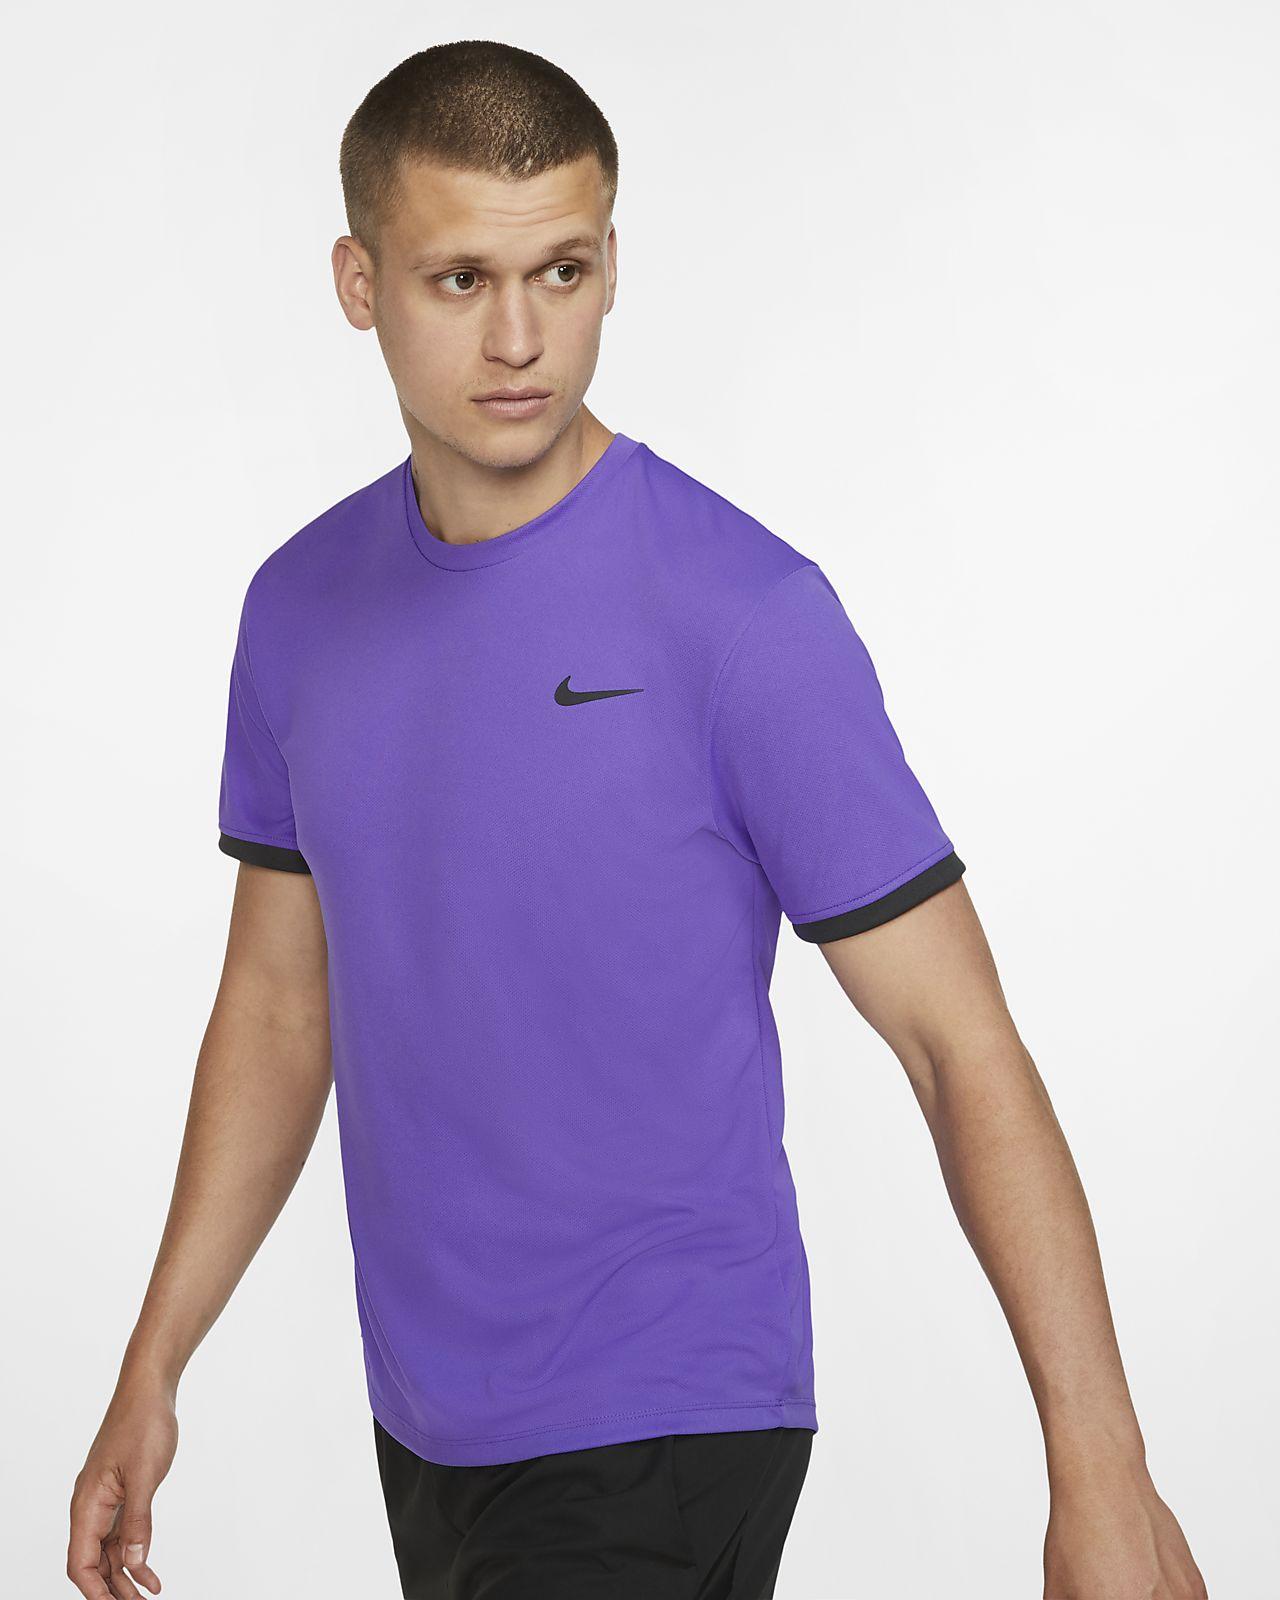 Pánské tenisové tričko NikeCourt Dri-FIT s krátkým rukávem